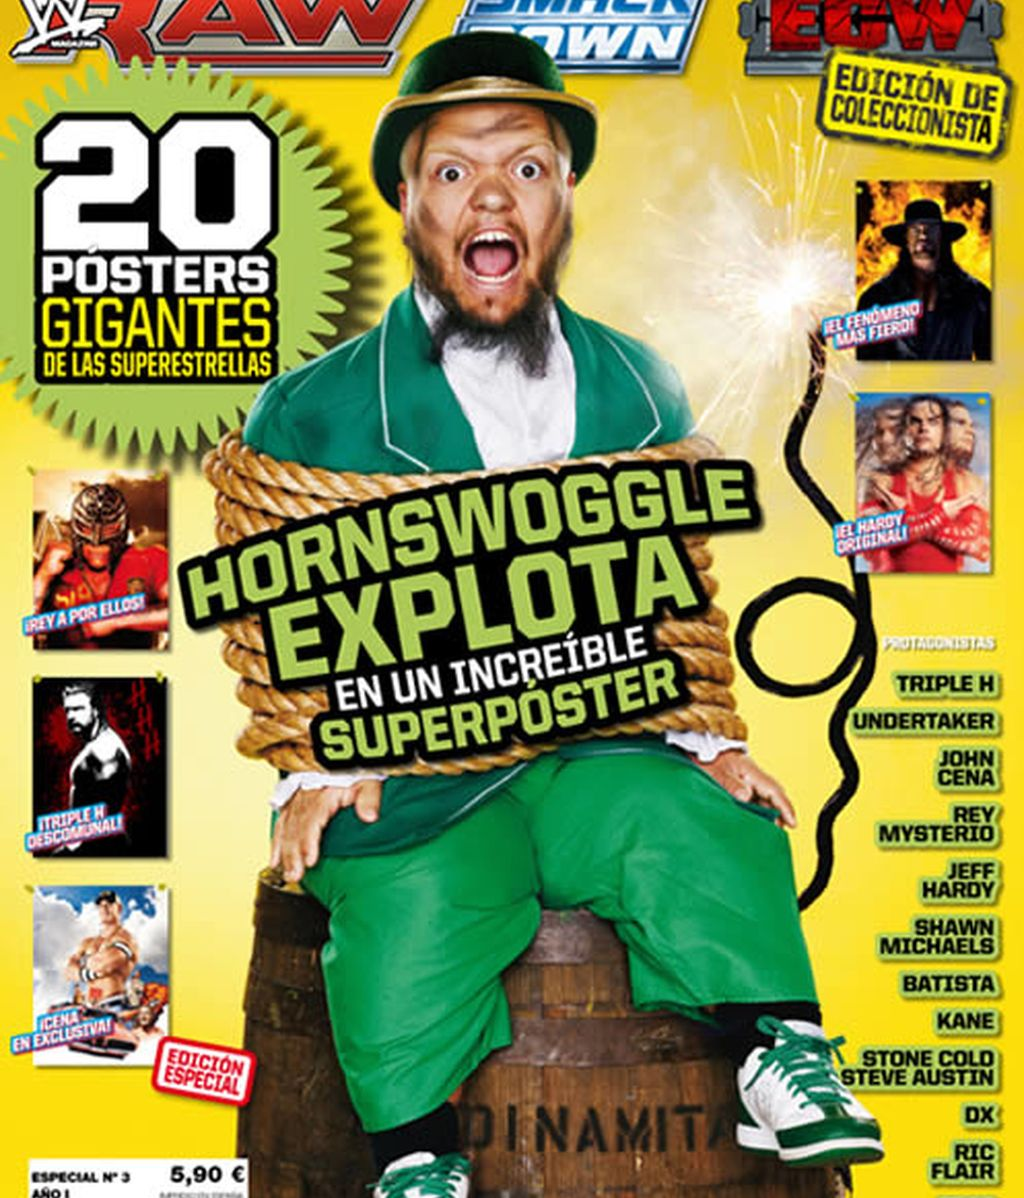 Especial Super Posters